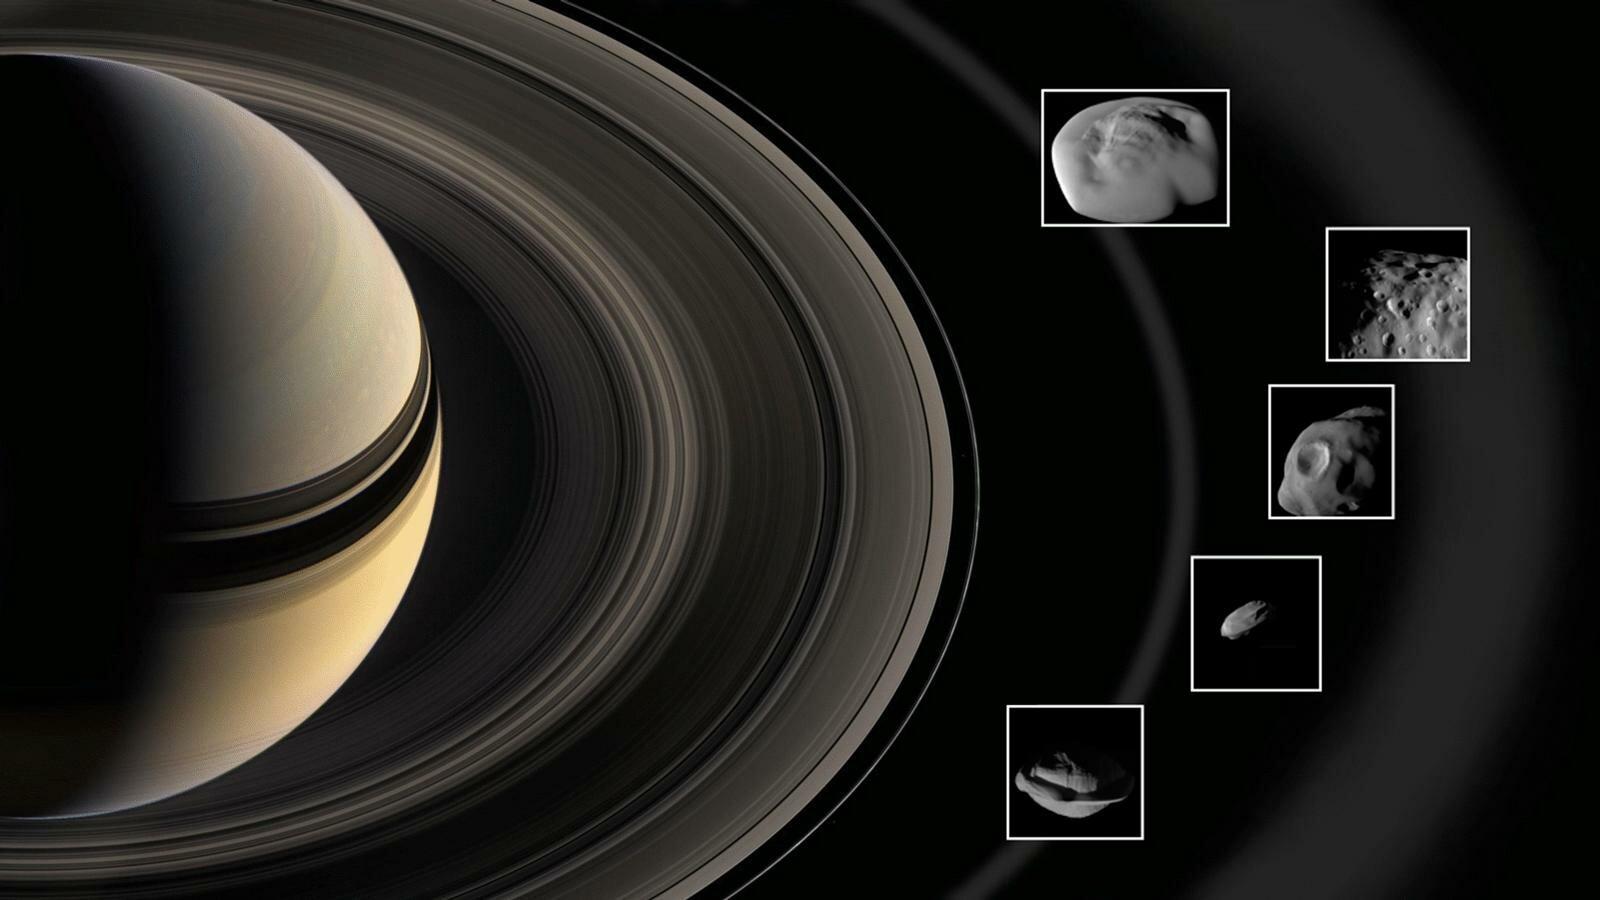 Minilunas de Saturno en impresionantes imágenes captadas por Cassini